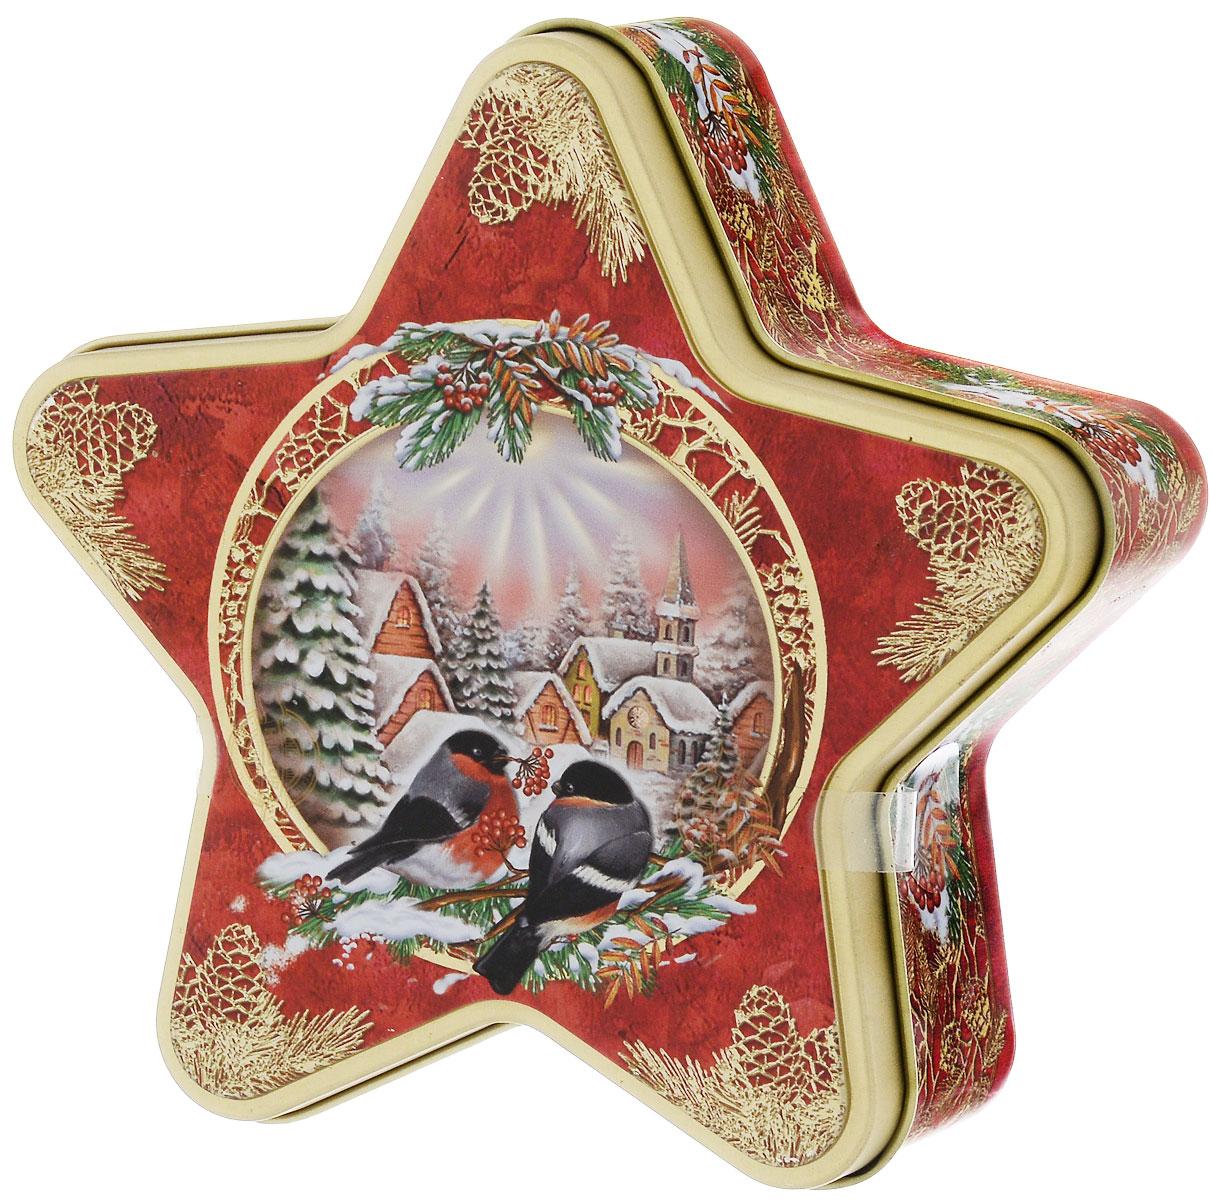 Hilltop Морозный рассвет Рождественский черный листовой чай, 100 г4607099302327Ароматный черный чай Hilltop Морозный рассвет с корицей и цедрой апельсина. Дополнен миндальным орехом, инжиром и гвоздикой.